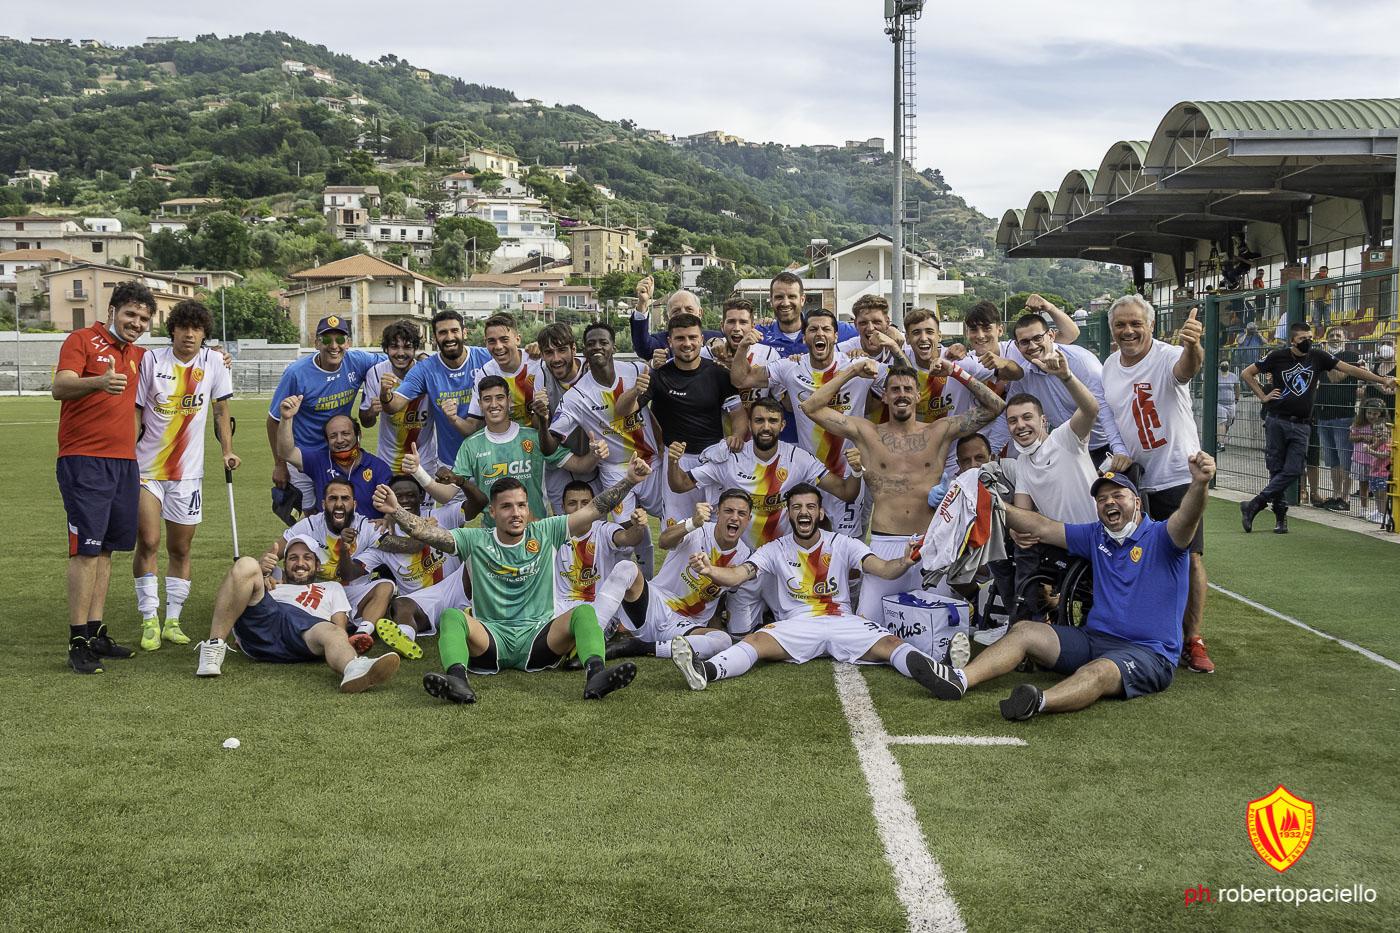 Polisportiva Santa Maria 1-0 Acireale, la sintesi